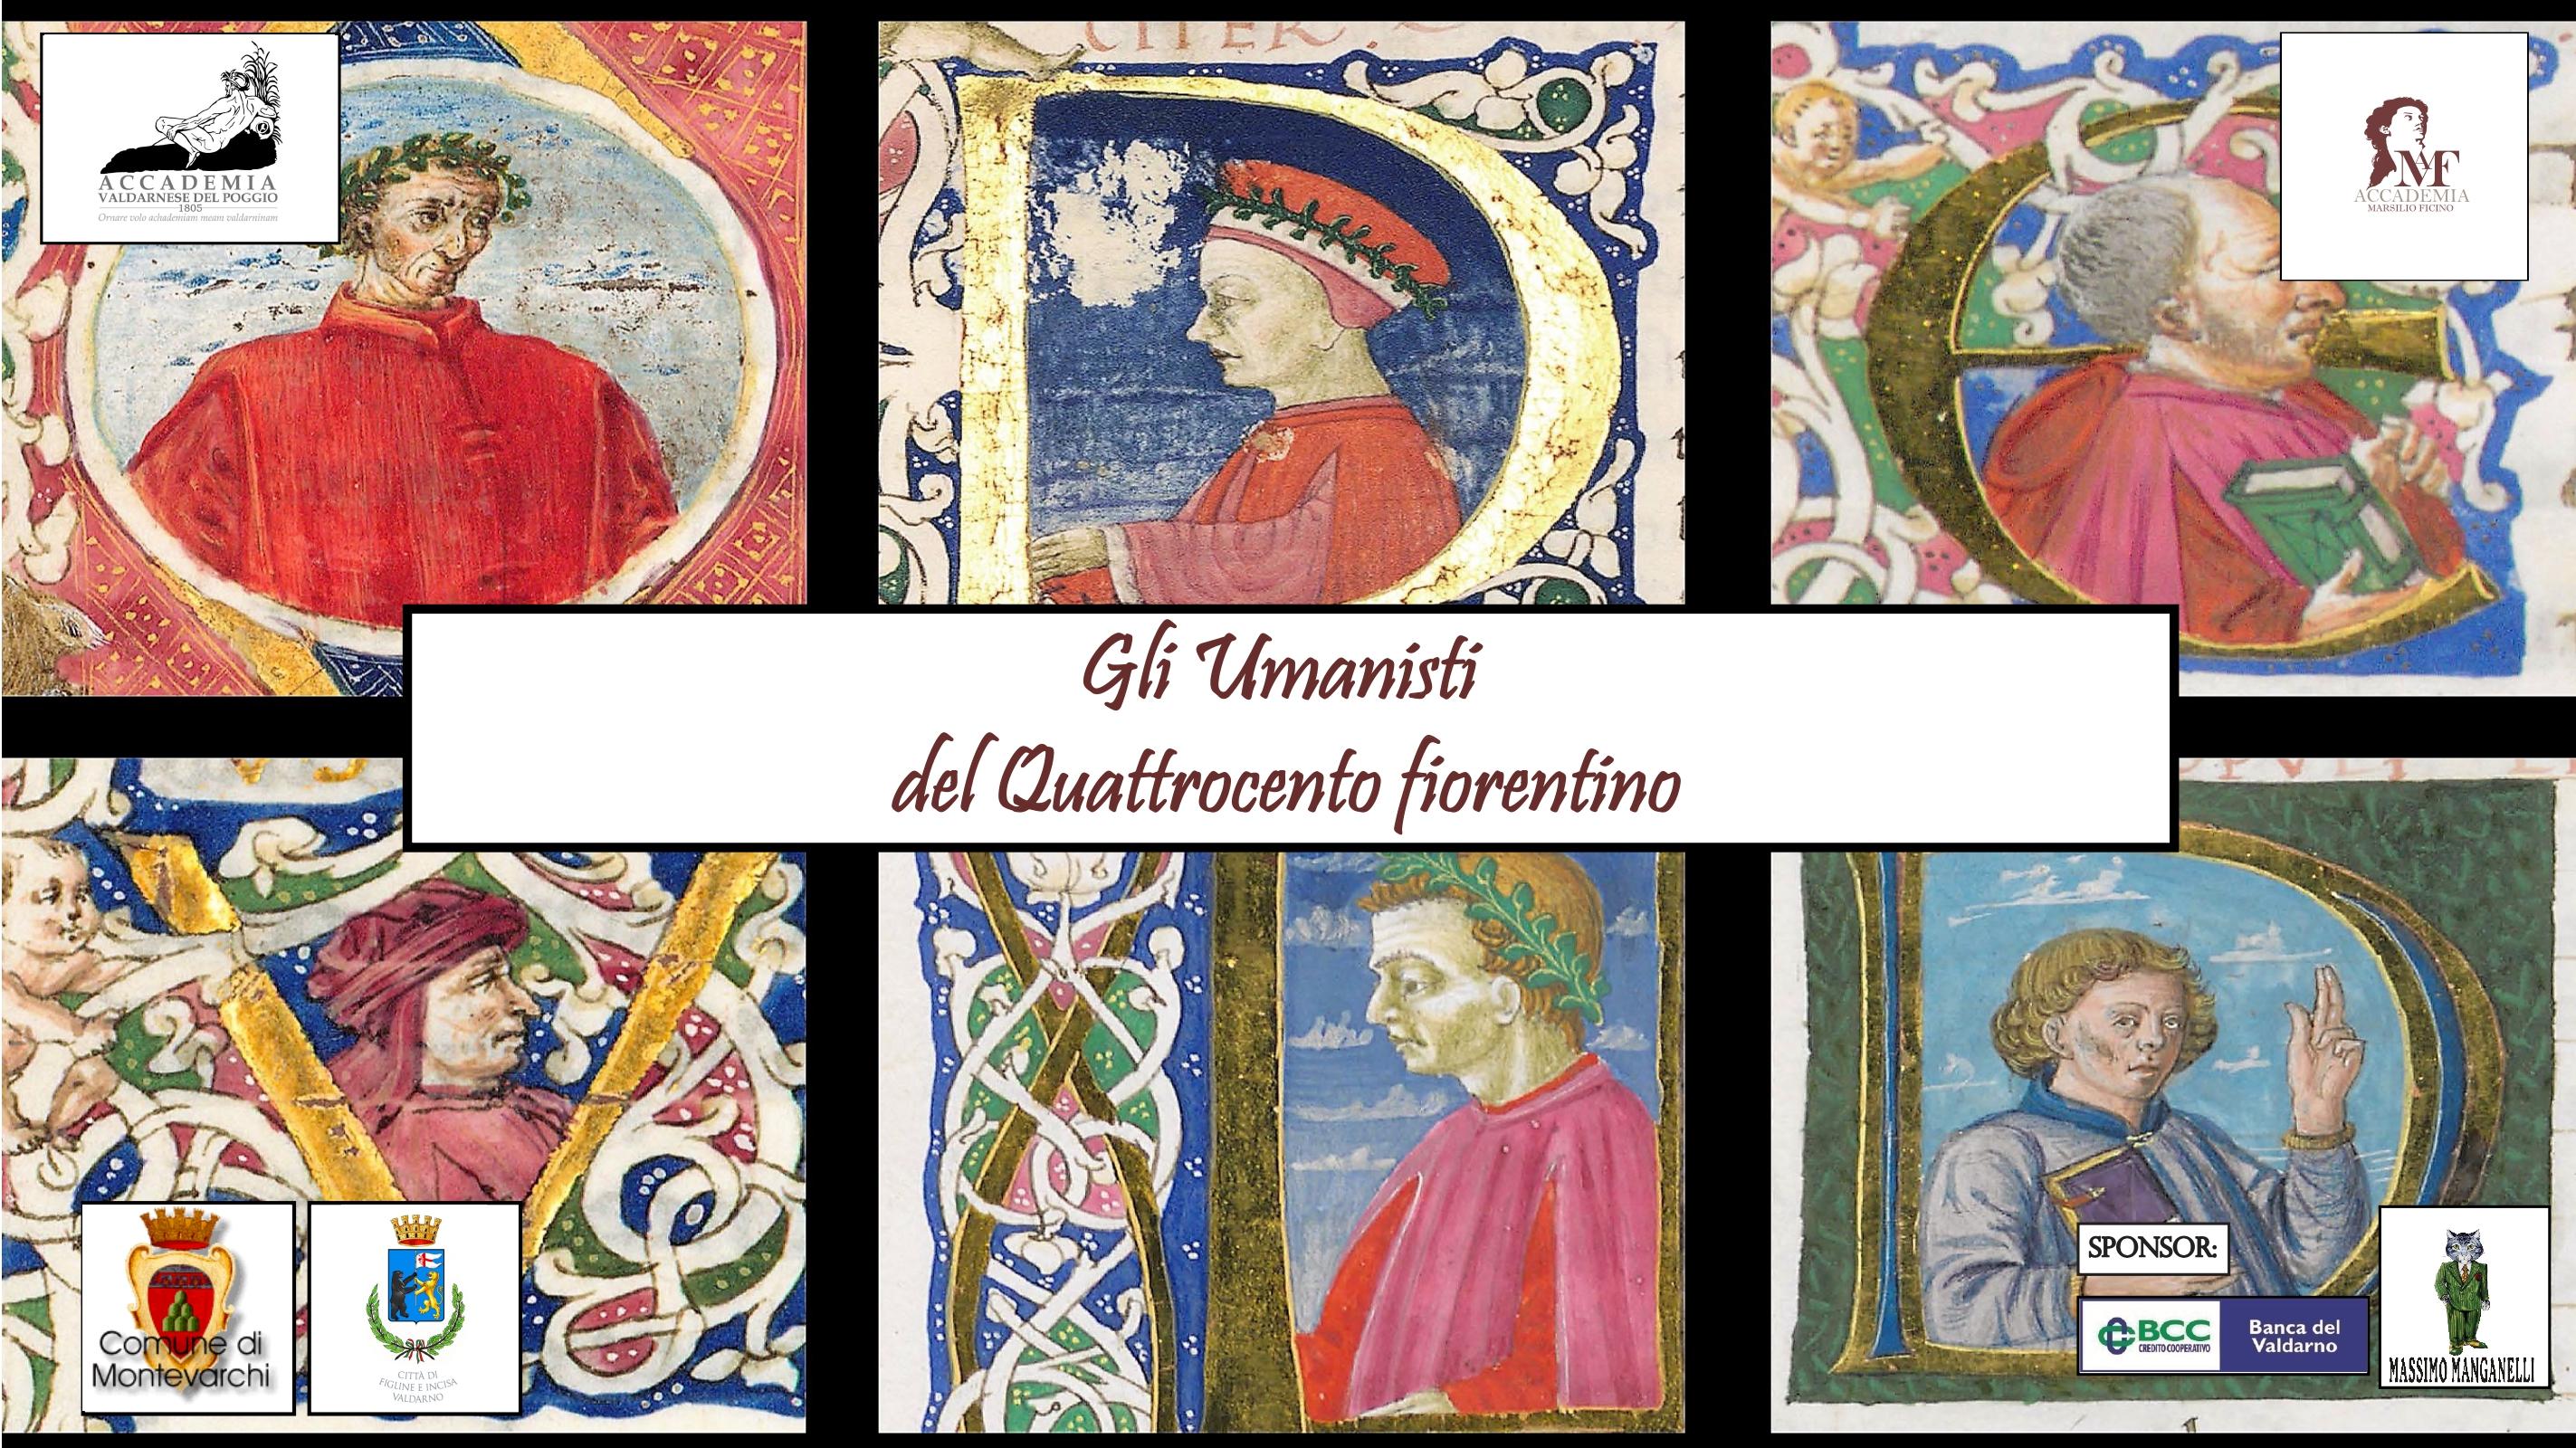 Umanisti del Quattrocento fiorentino